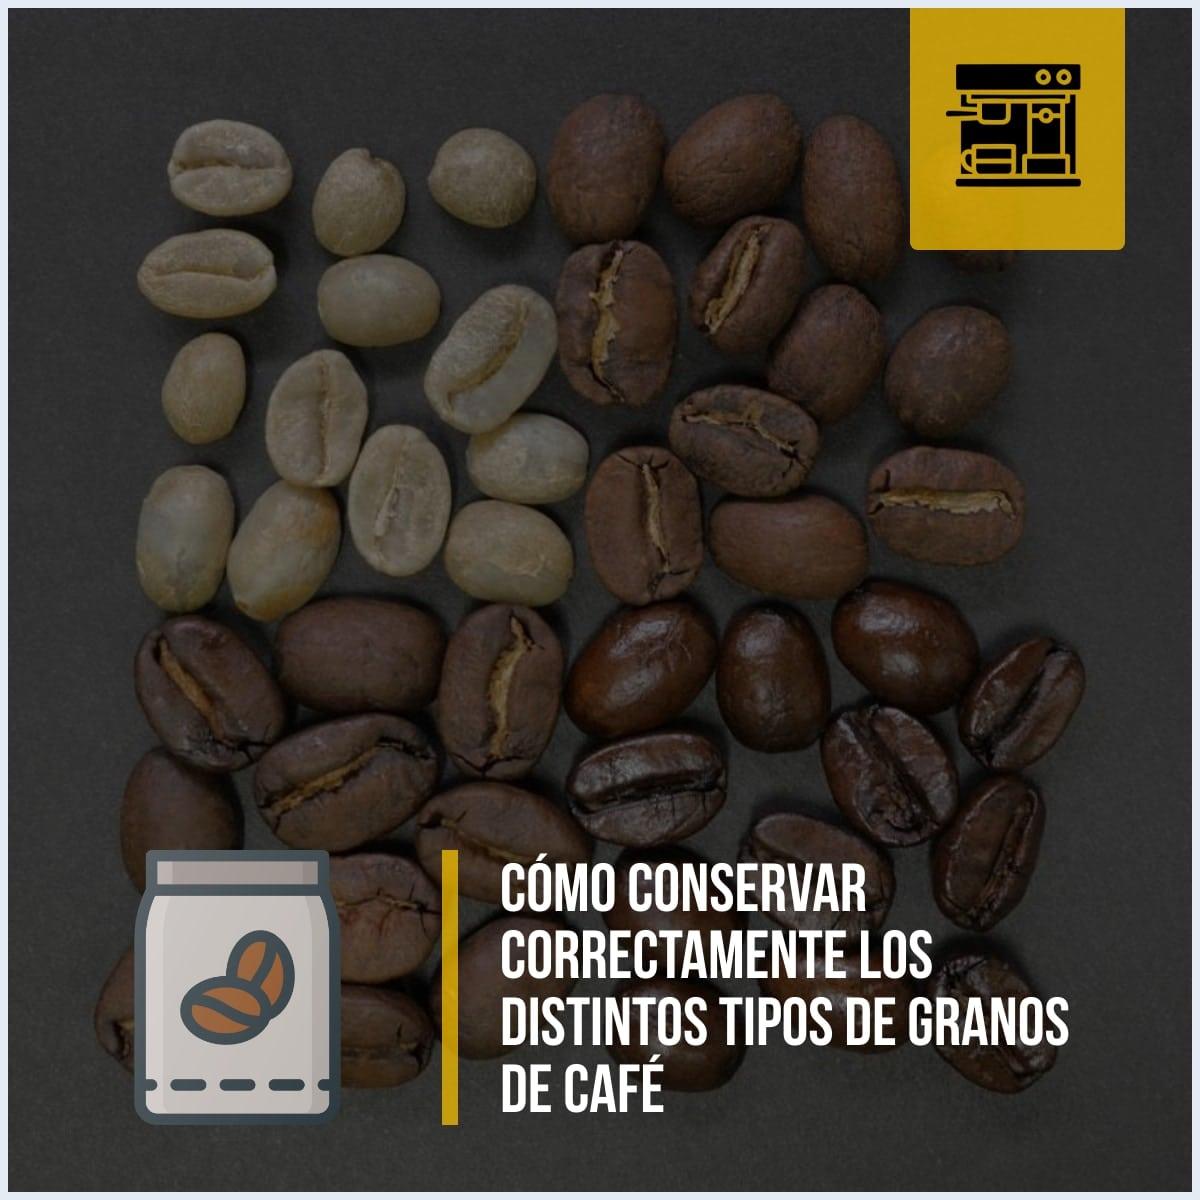 Cómo conservar correctamente los distintos tipos de granos de café